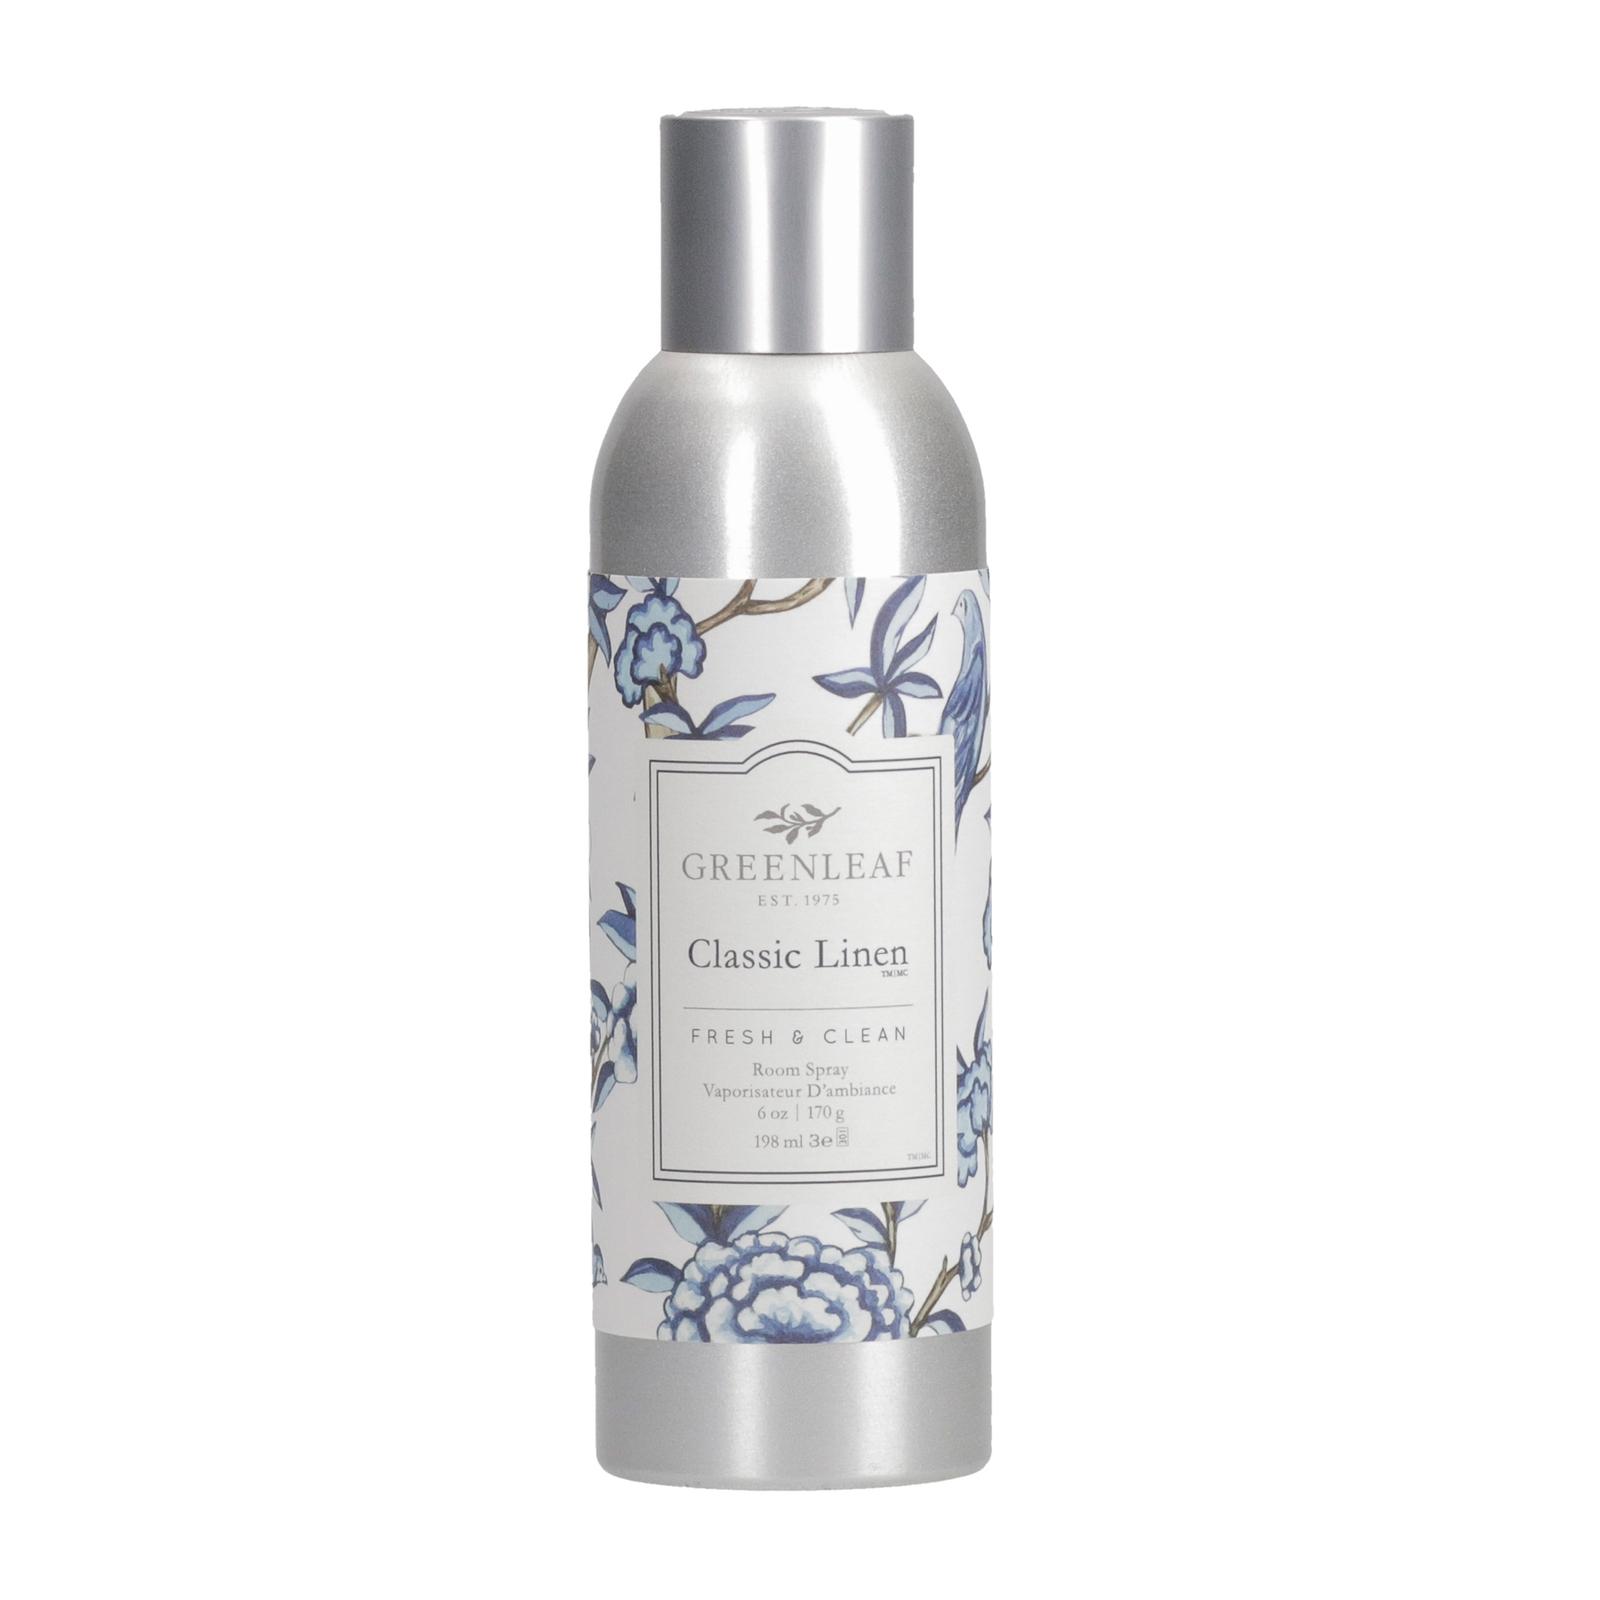 Spray Aromatizador De Ambiente Greenleaf Linen Room 198 ml  - Lemis